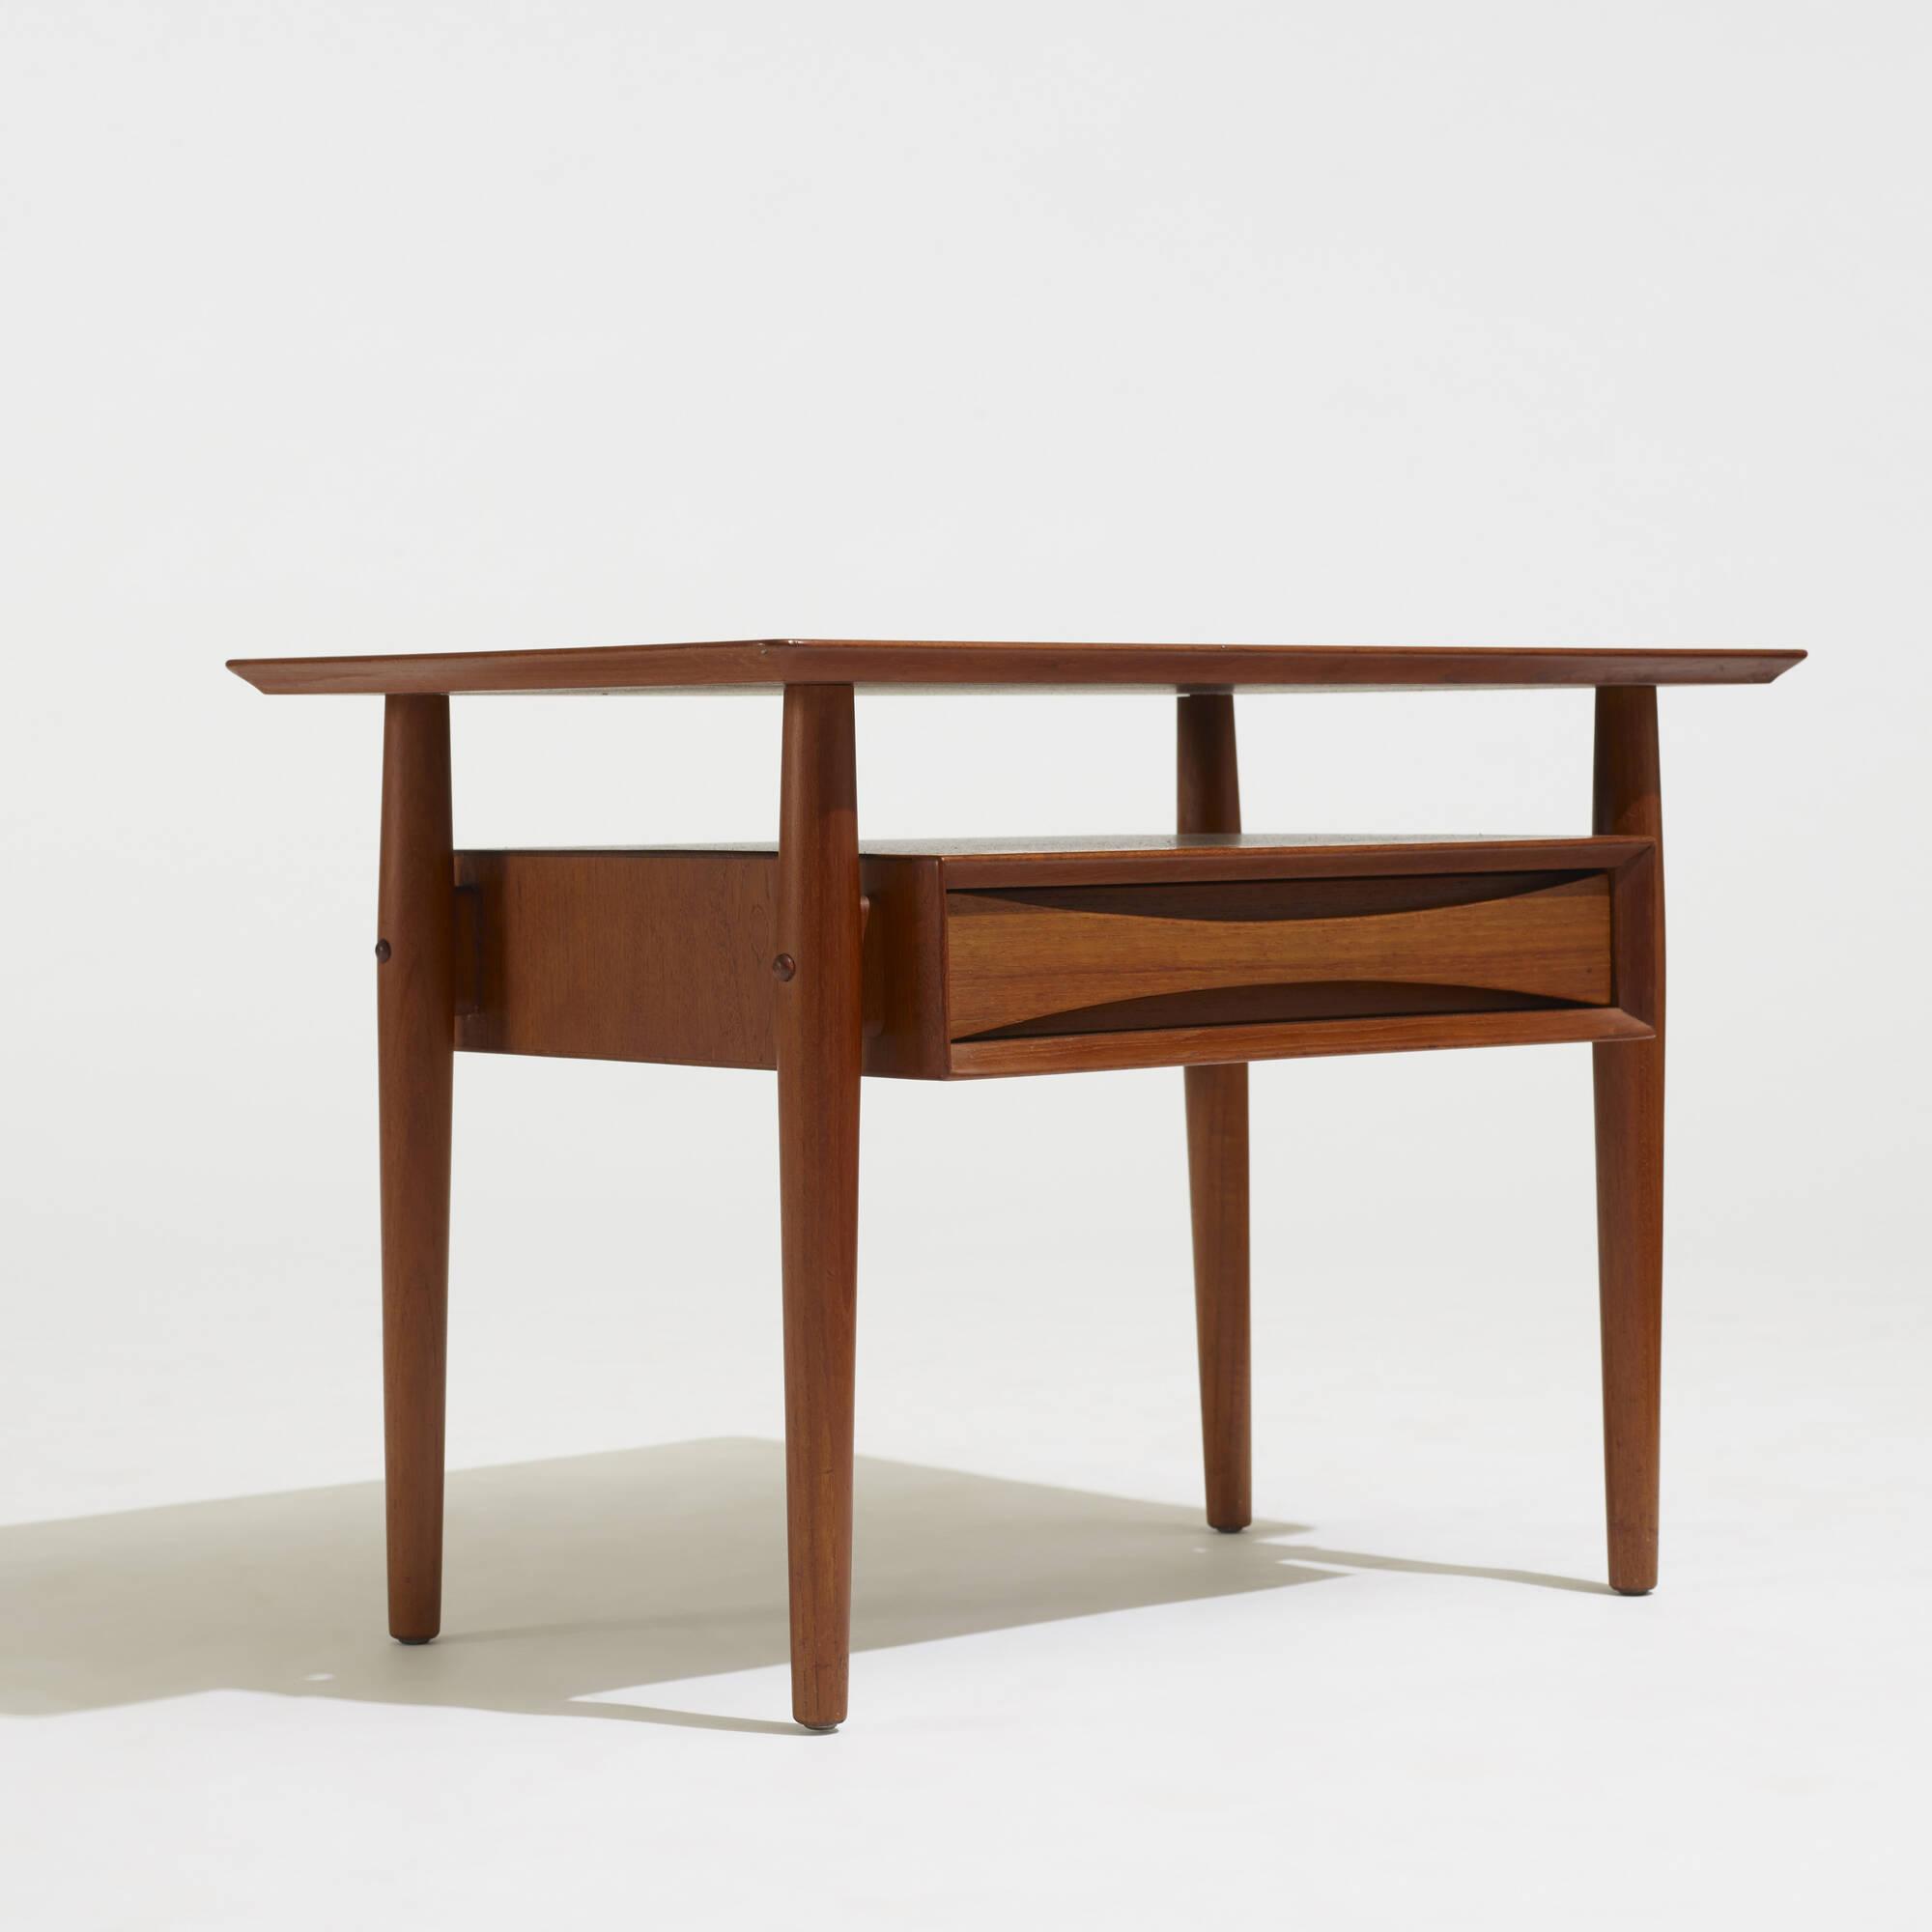 270: Arne Vodder / nightstands, pair (3 of 3)